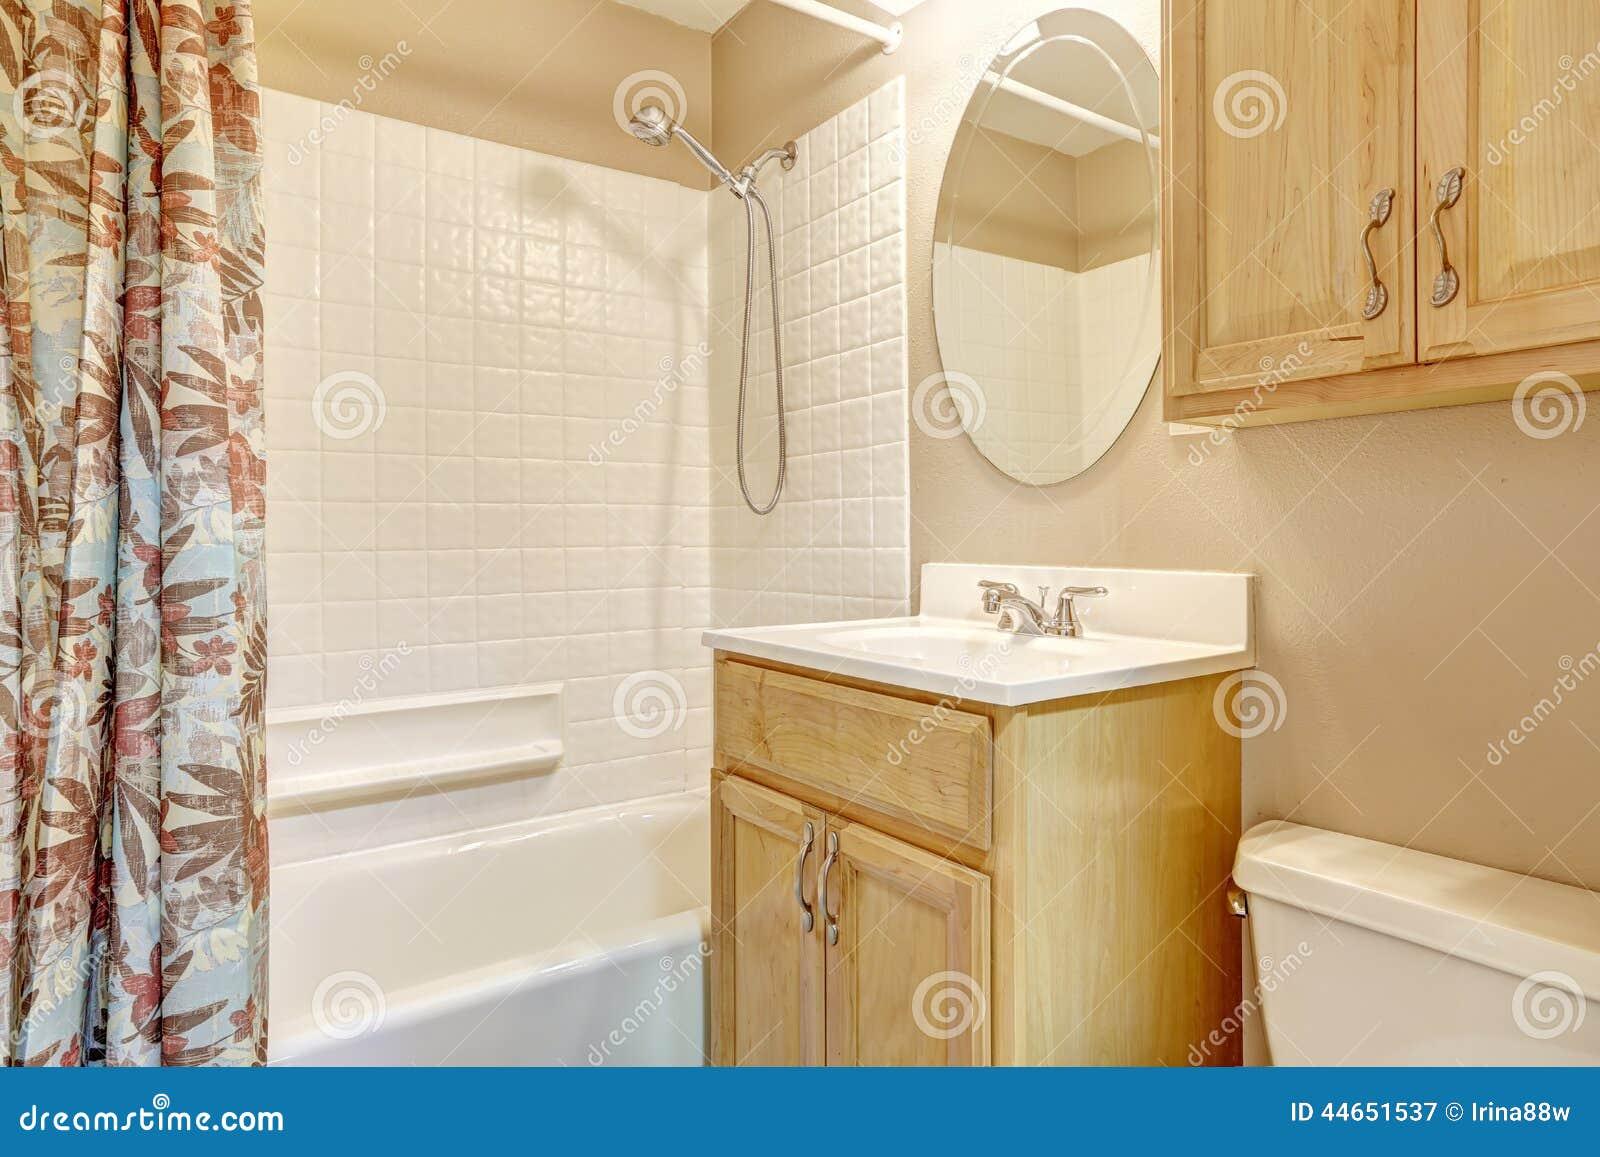 Banheiro Bege Claro Com Armários De Madeira E A Cortina Floral Foto  #793F1D 1300x957 Banheiro Bege Fotos